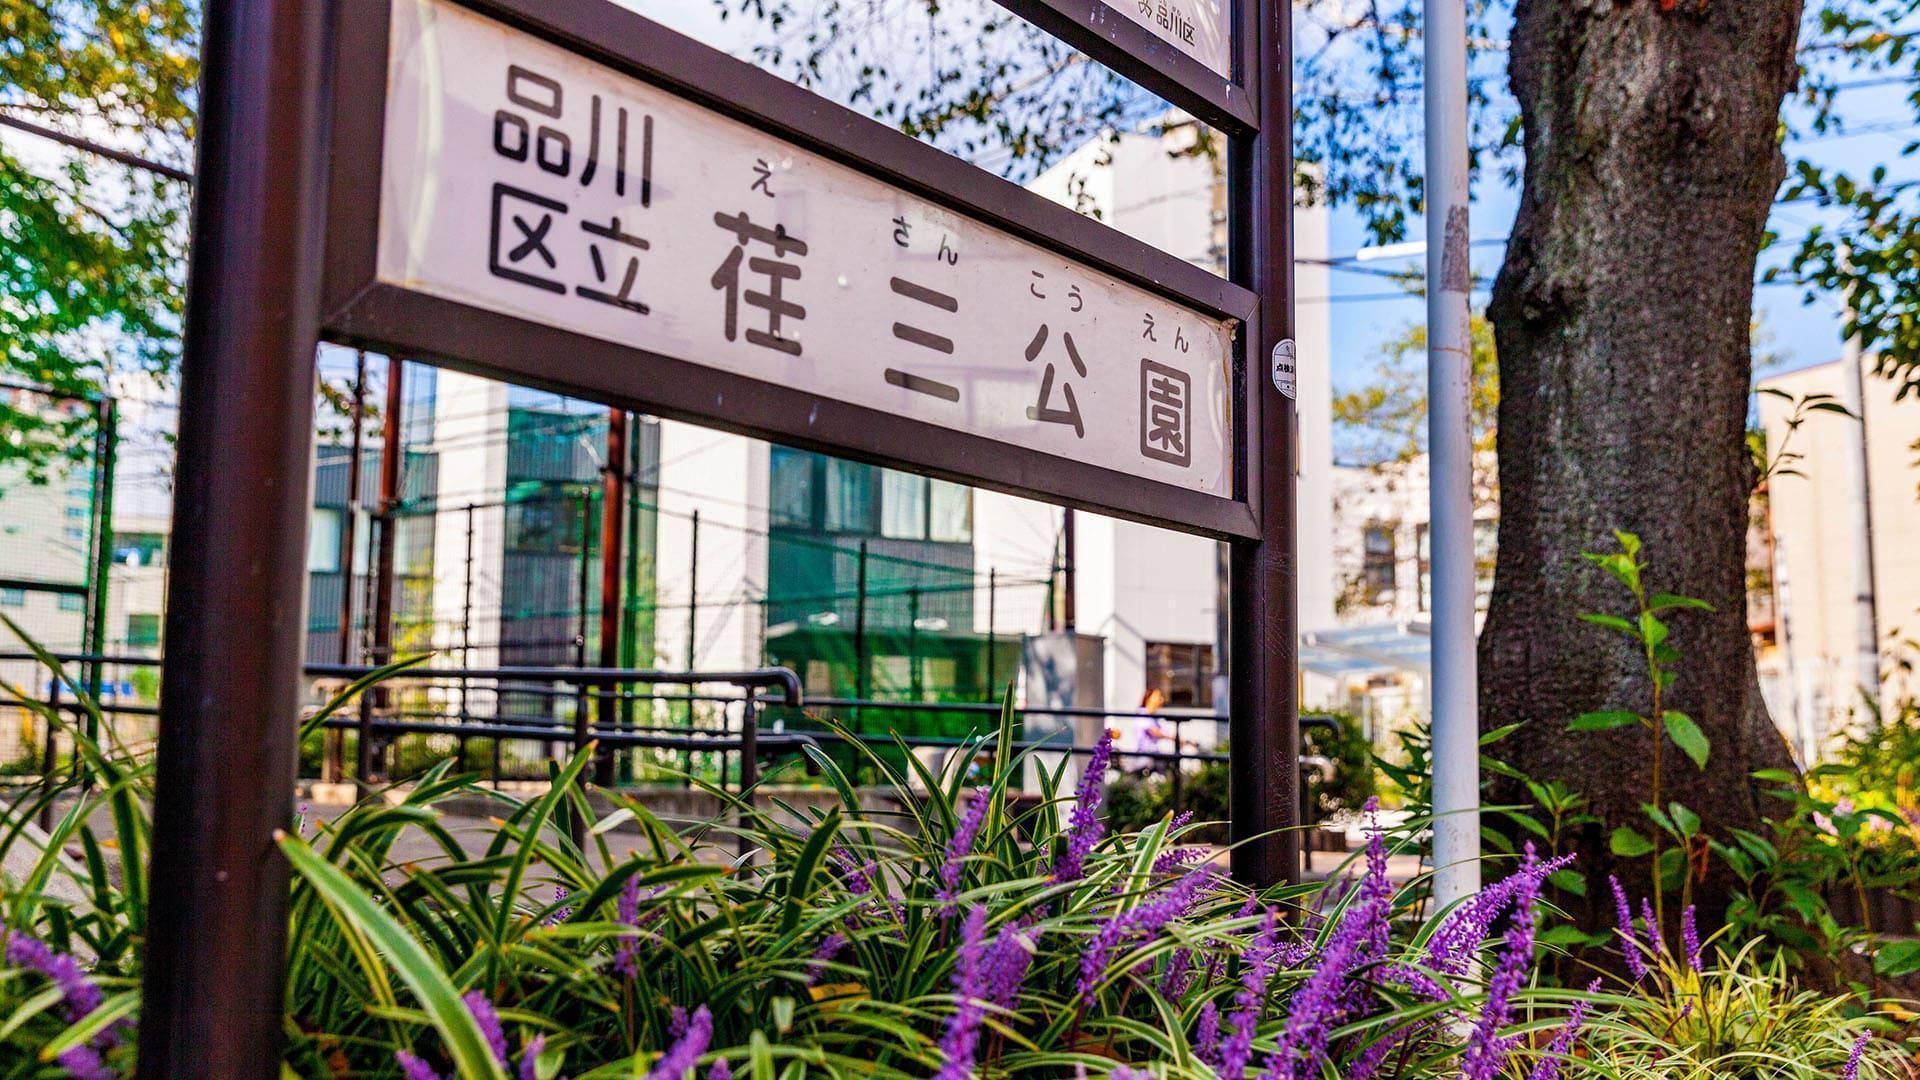 荏三公園|ロケ地検索|しなロケ【品川区フィルムコミッション】